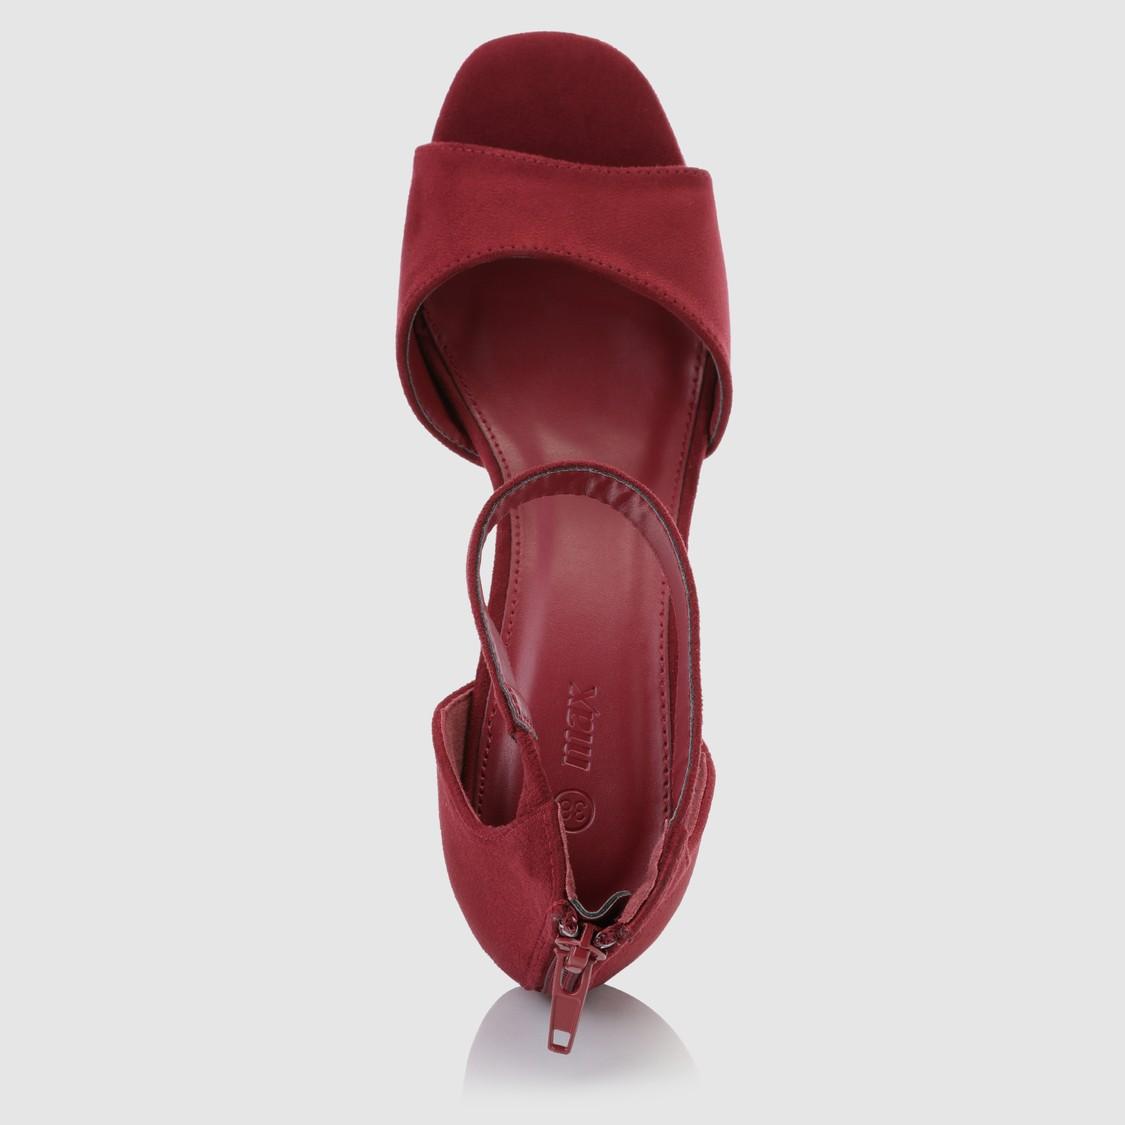 حذاء مطرّز بكعب عالي وسحّاب إغلاق